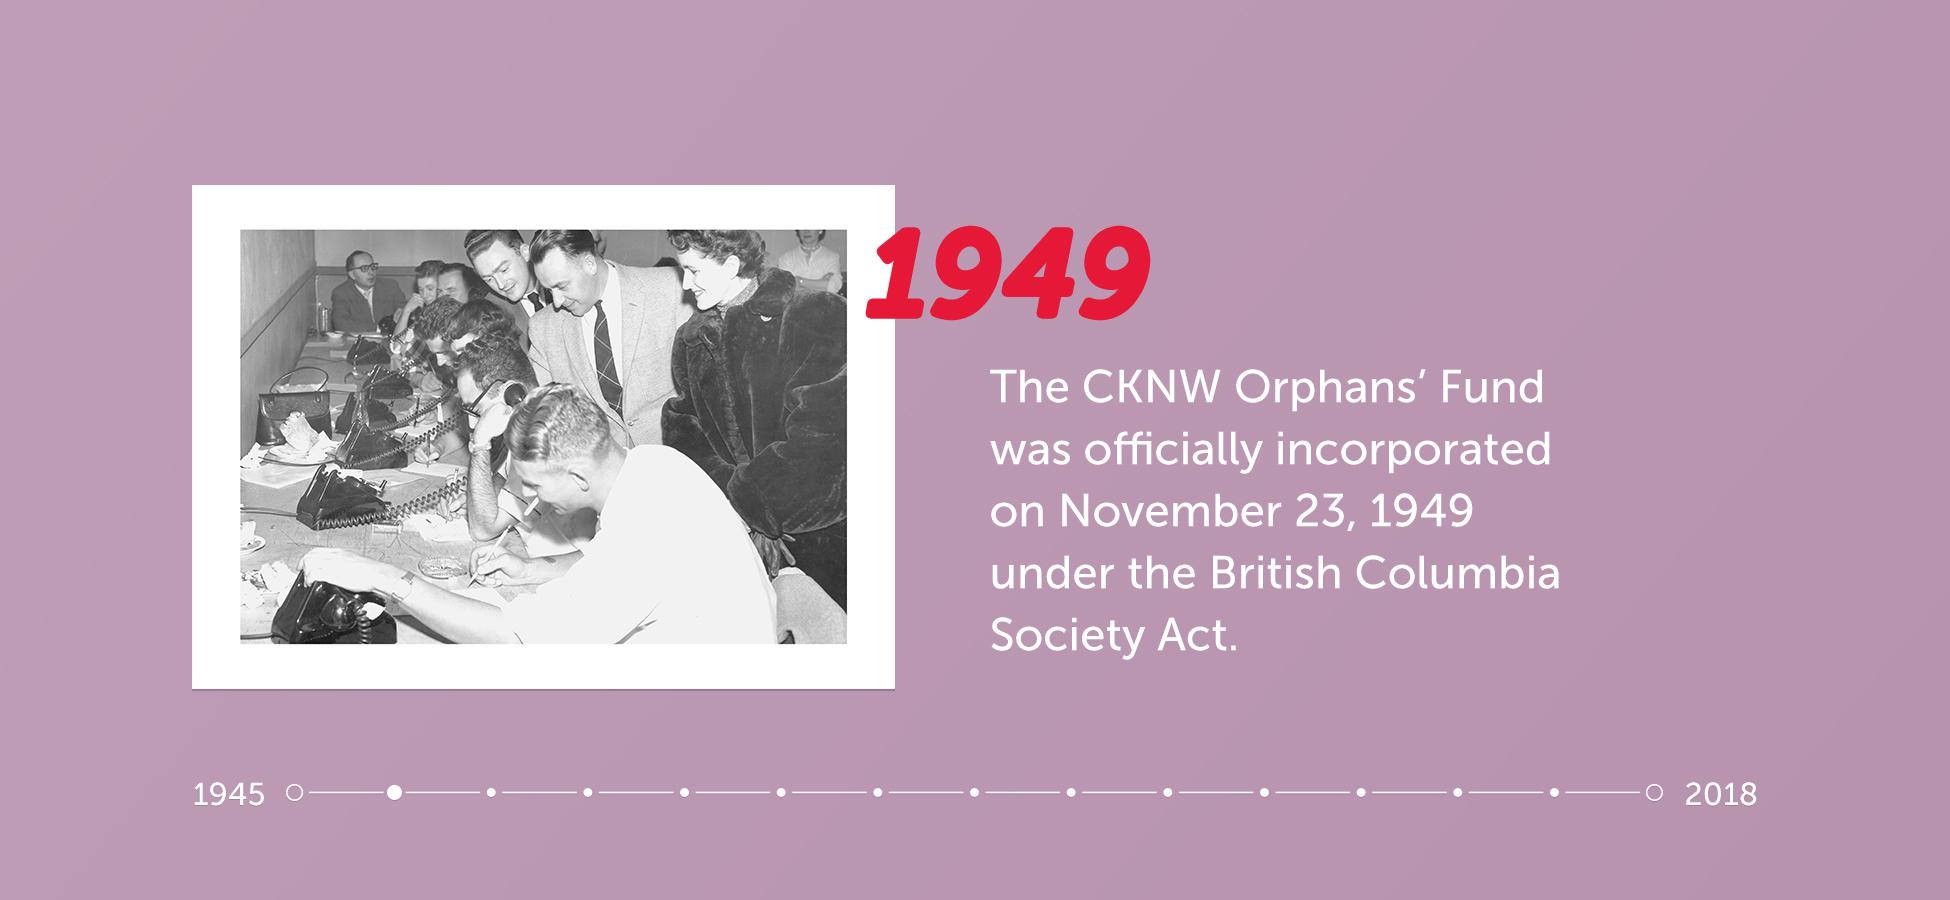 CKNW-1949.jpg